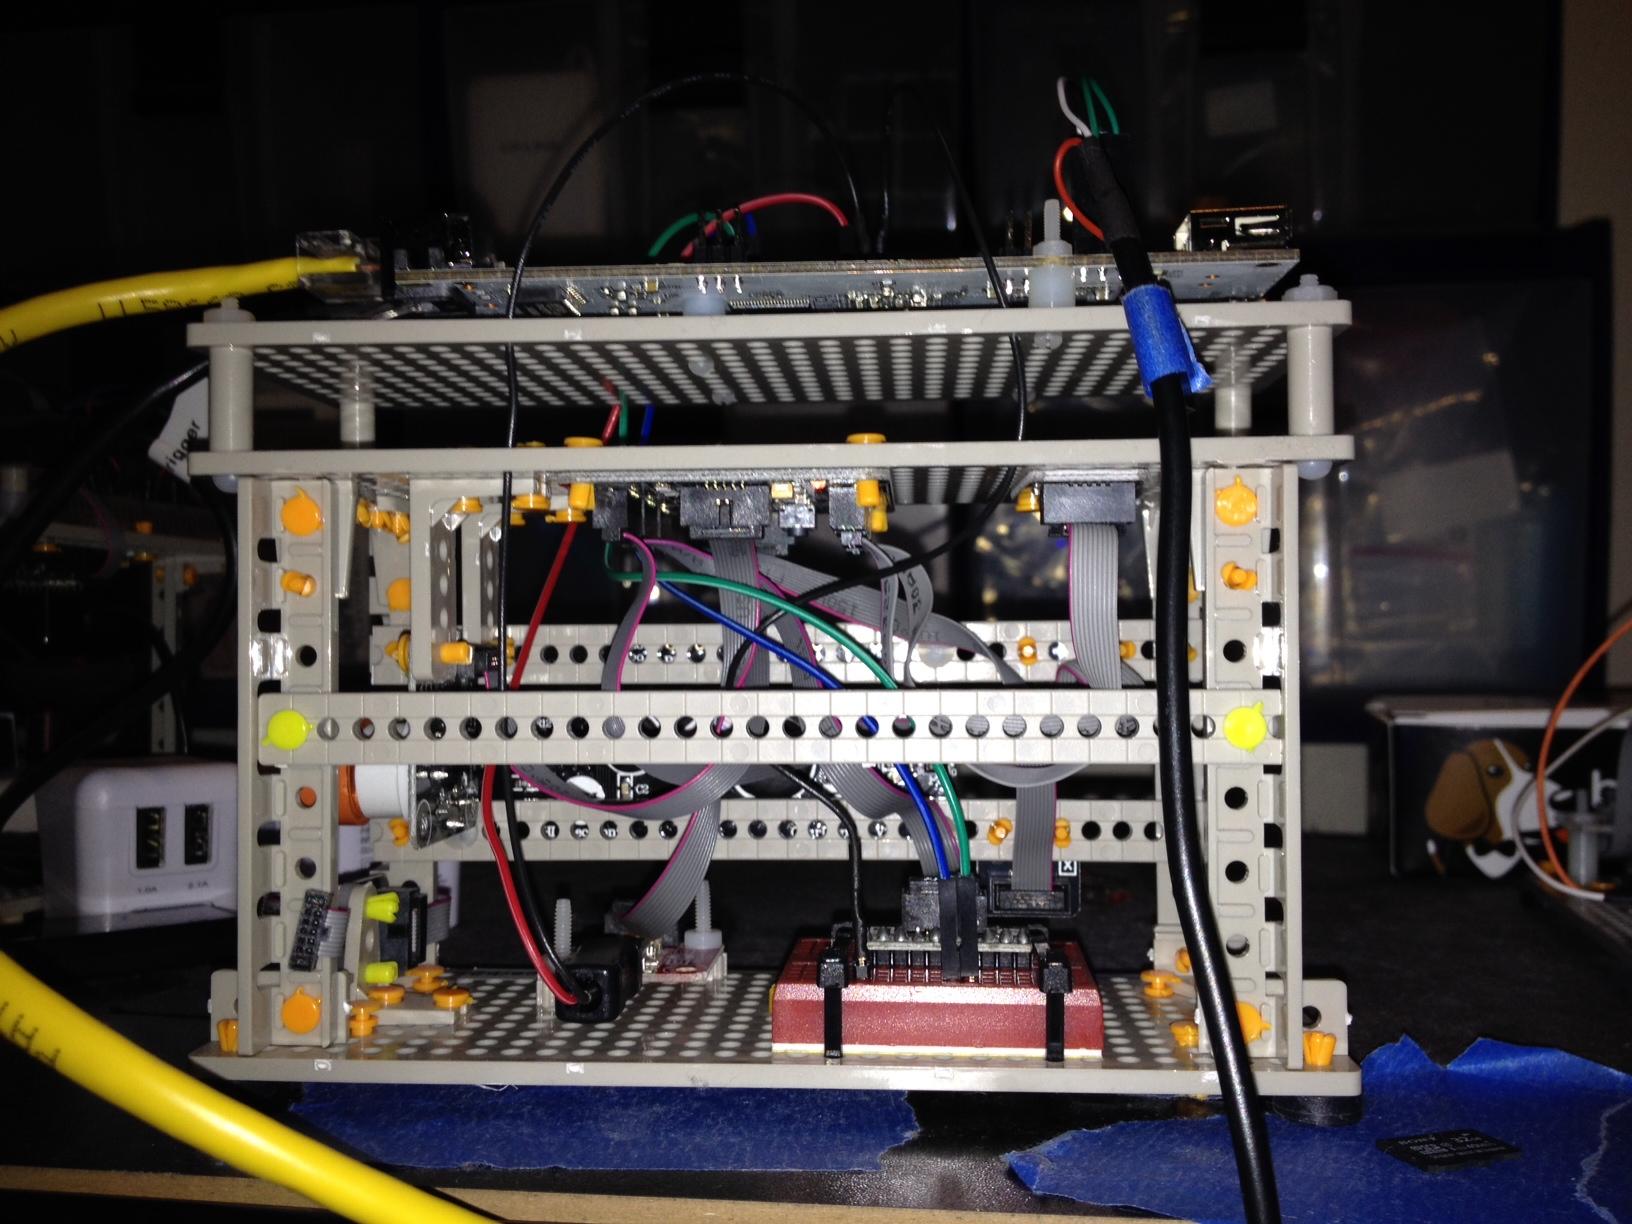 pcduino1-cerb2 back